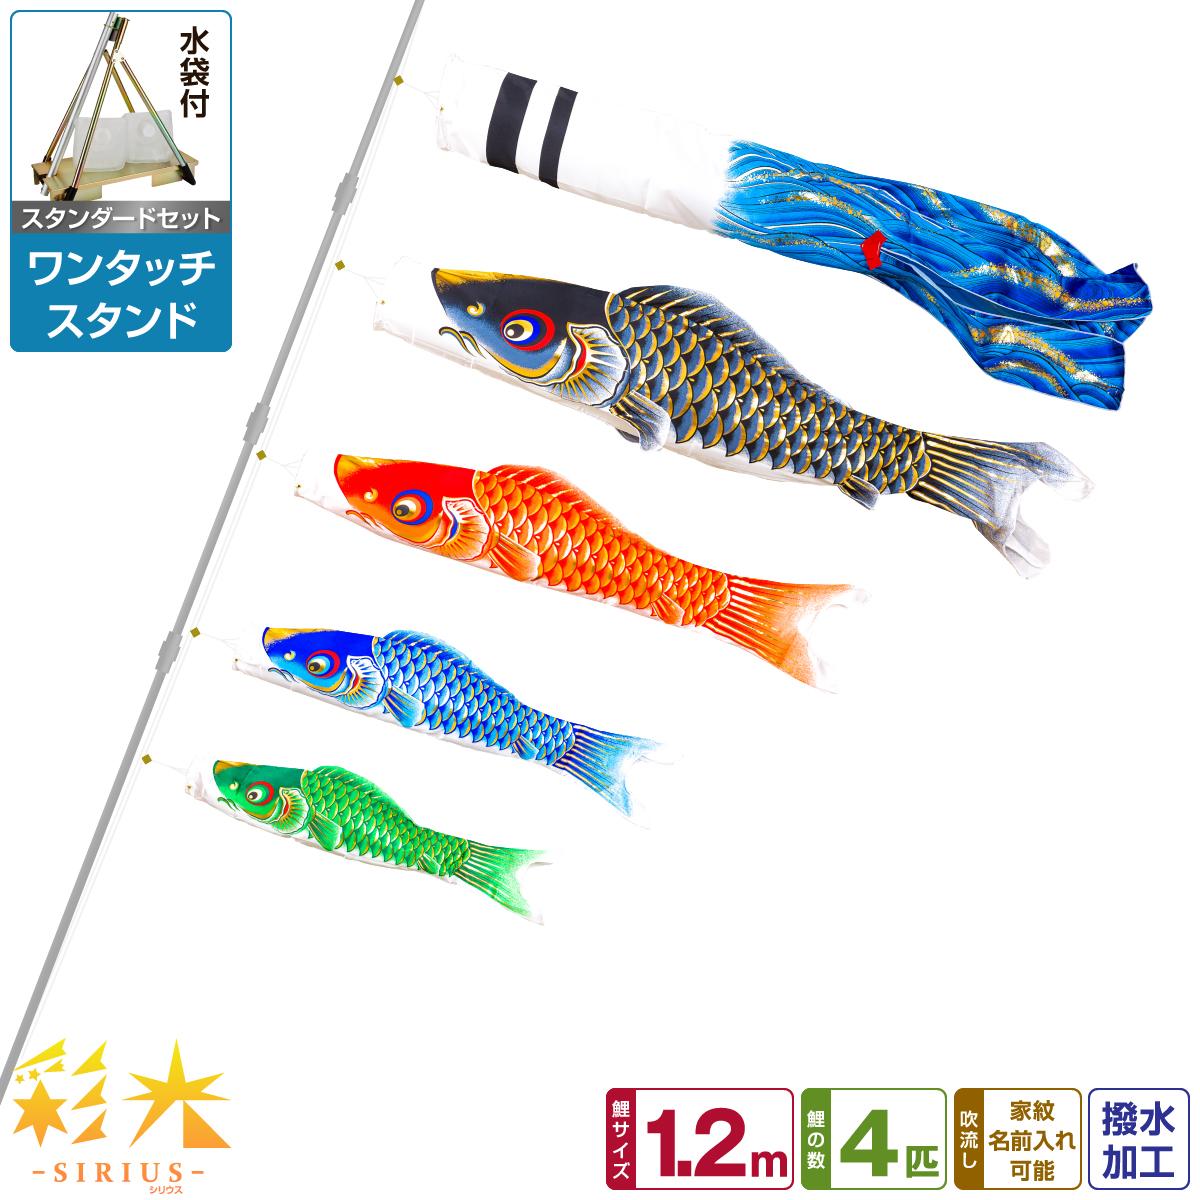 ベランダ用 こいのぼり 鯉のぼり SIRIUS/彩光鯉 1.2m 7点(吹流し+鯉4匹+矢車+ロープ)/スタンダードセット(ワンタッチスタンド)